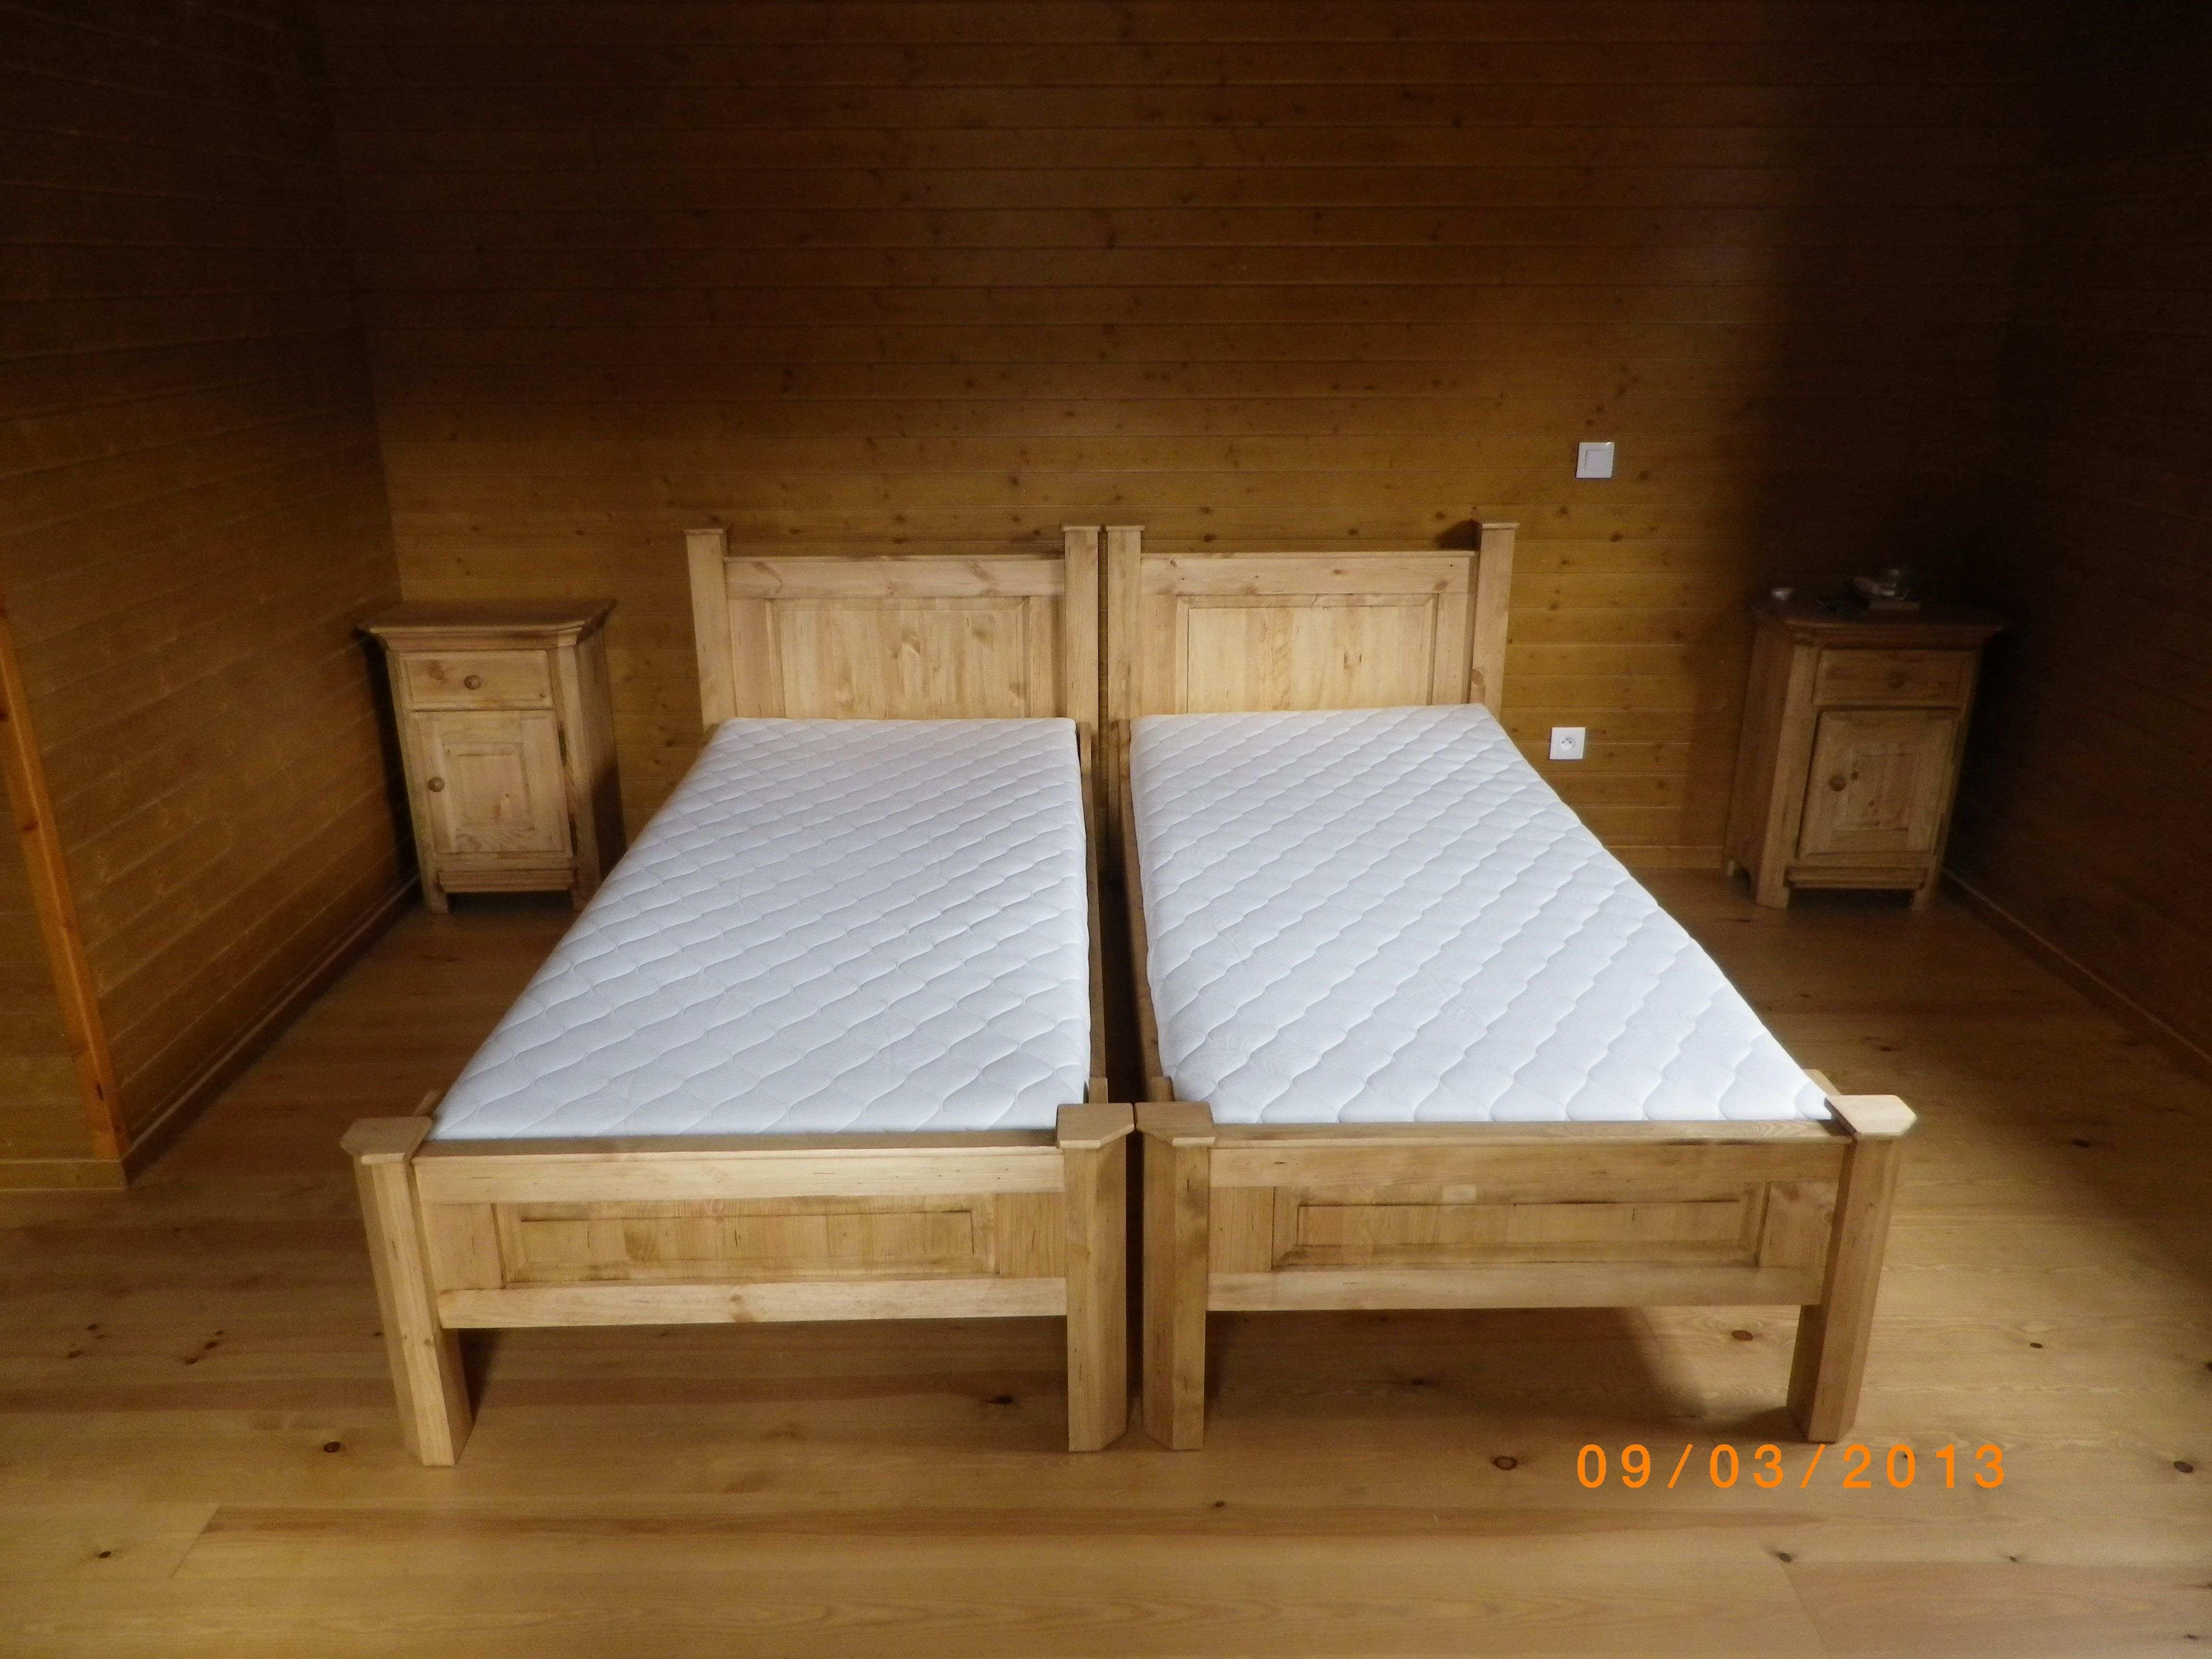 Lit210 lits pour personnes de grandes tailles for Causeuse dormeur ikea